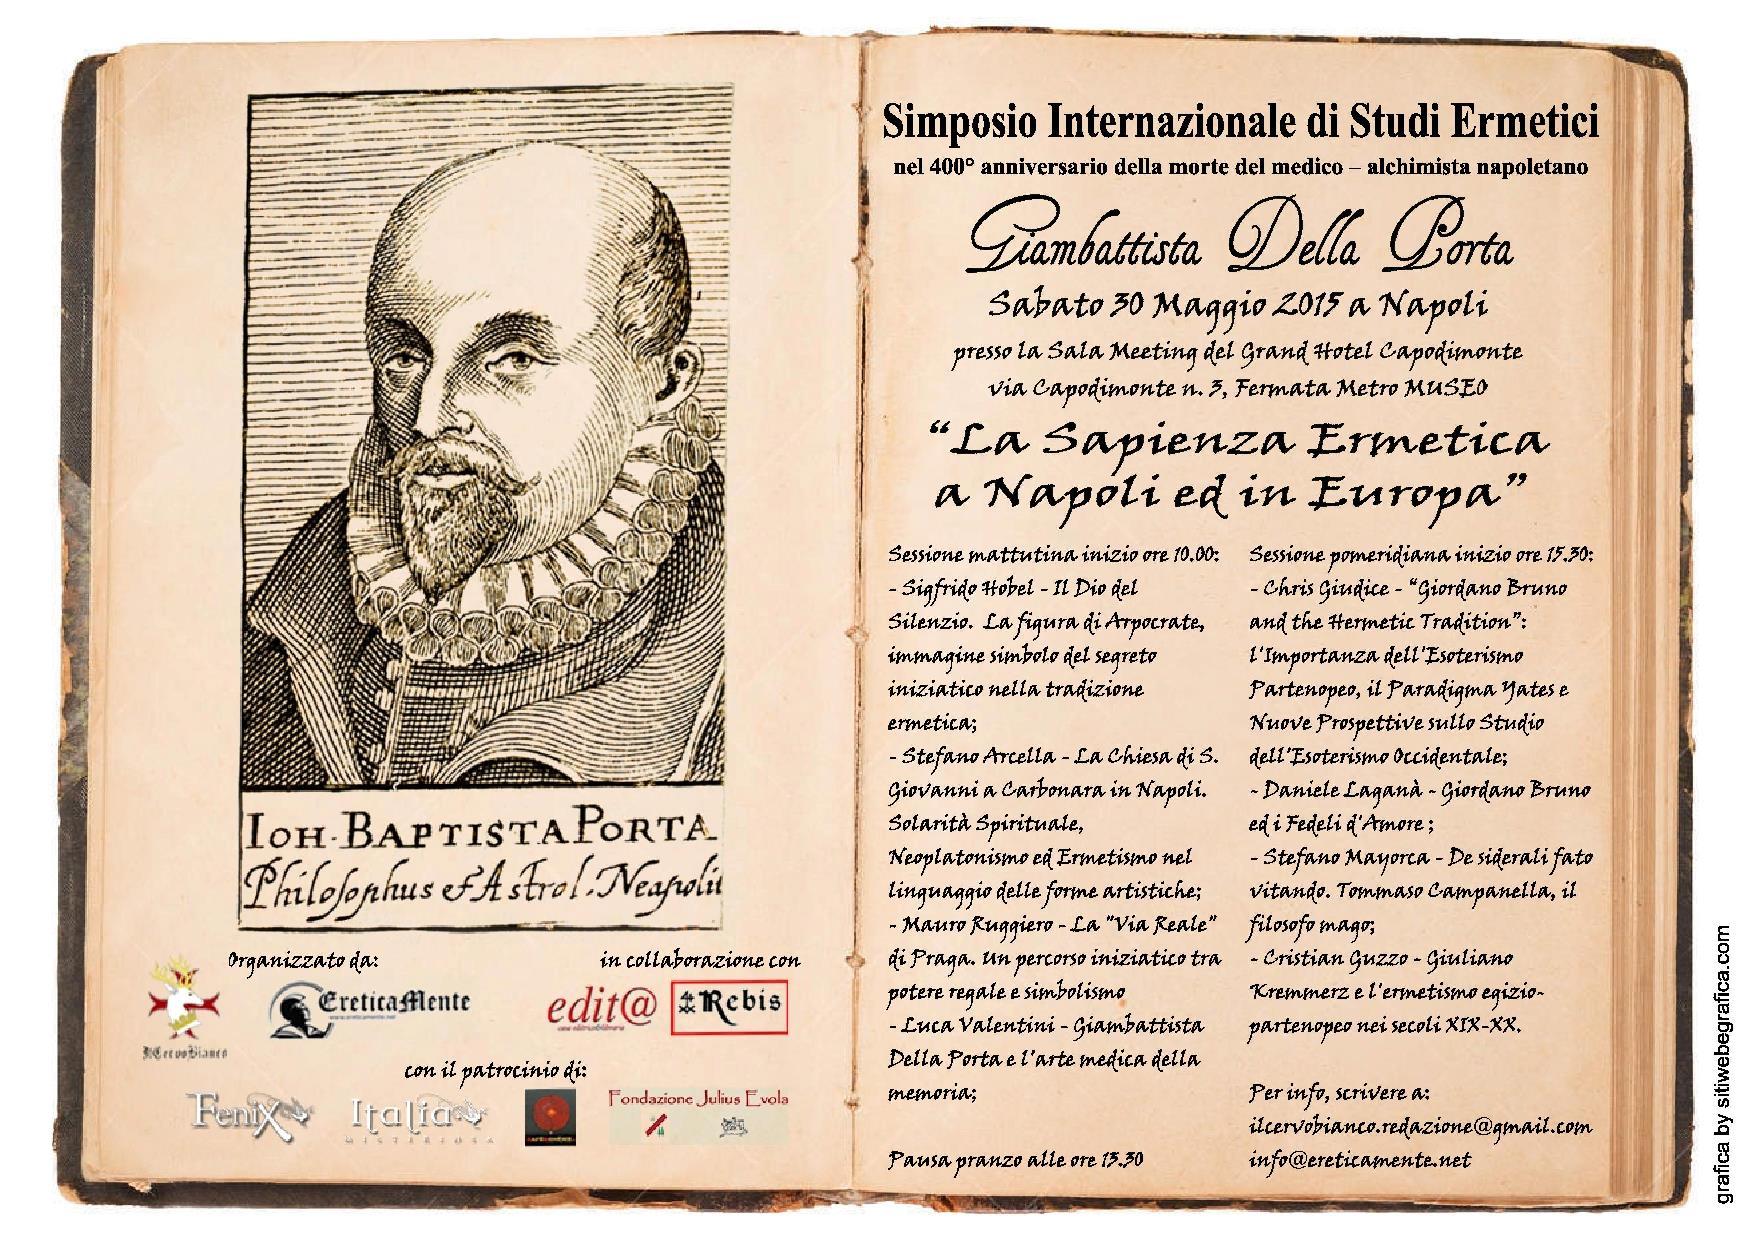 La Sapienza Ermetica a Napoli ed in Europa